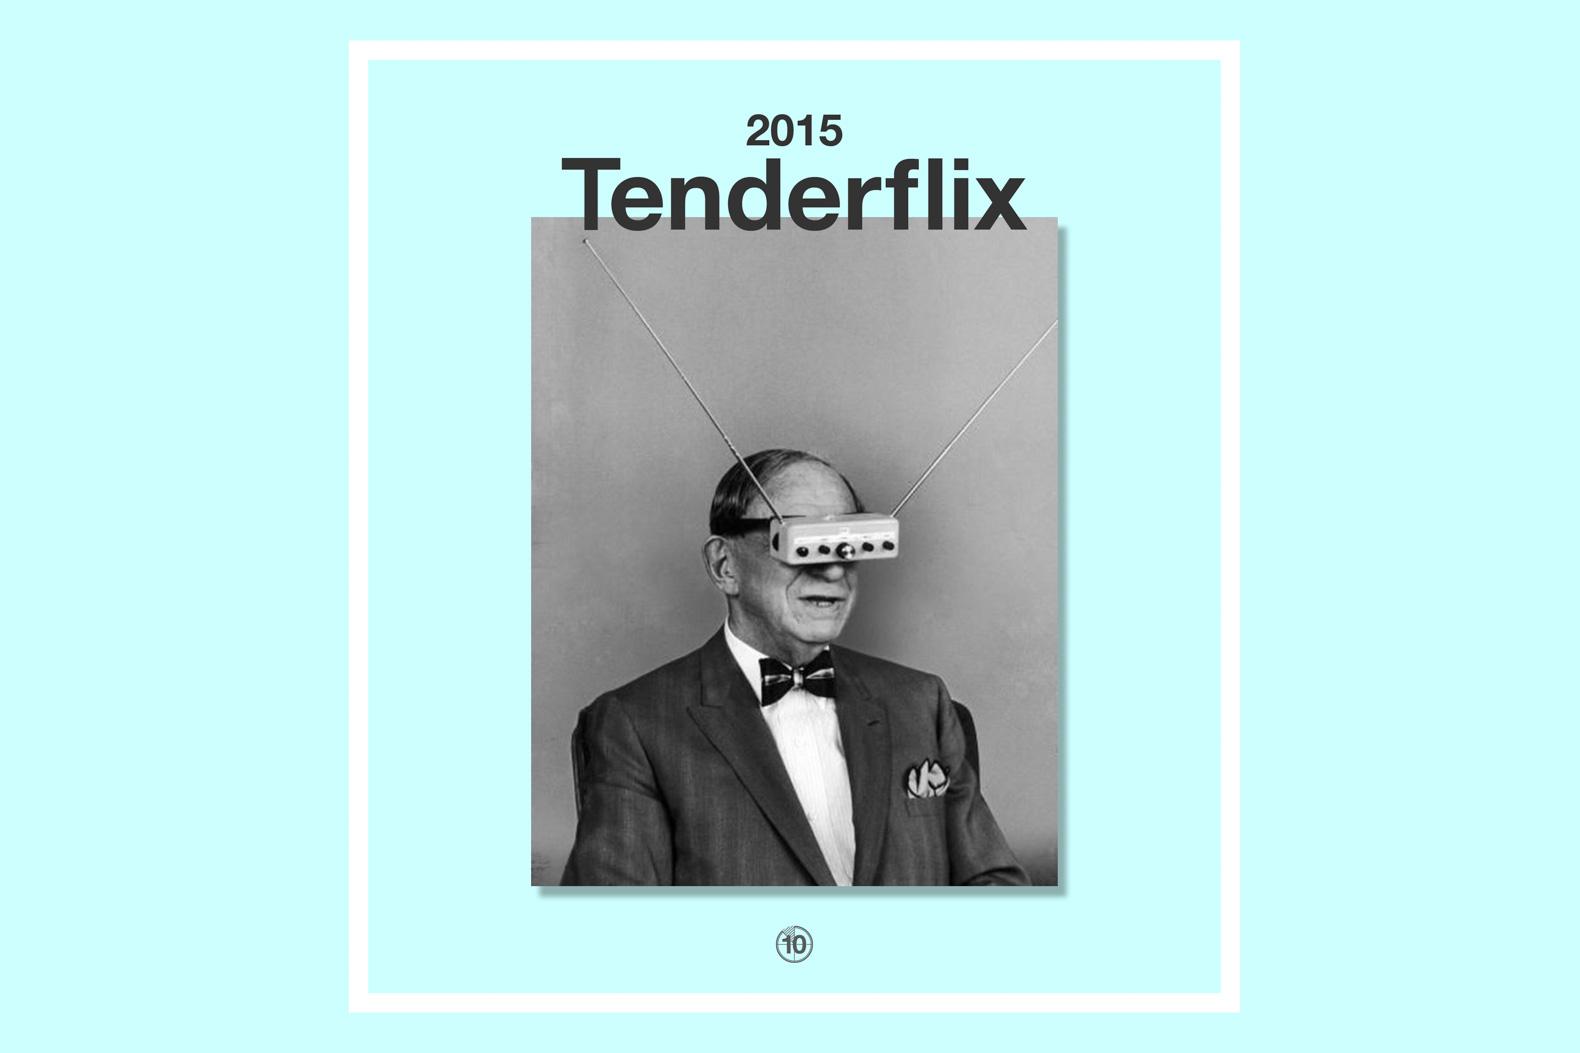 Tenderflix 2015